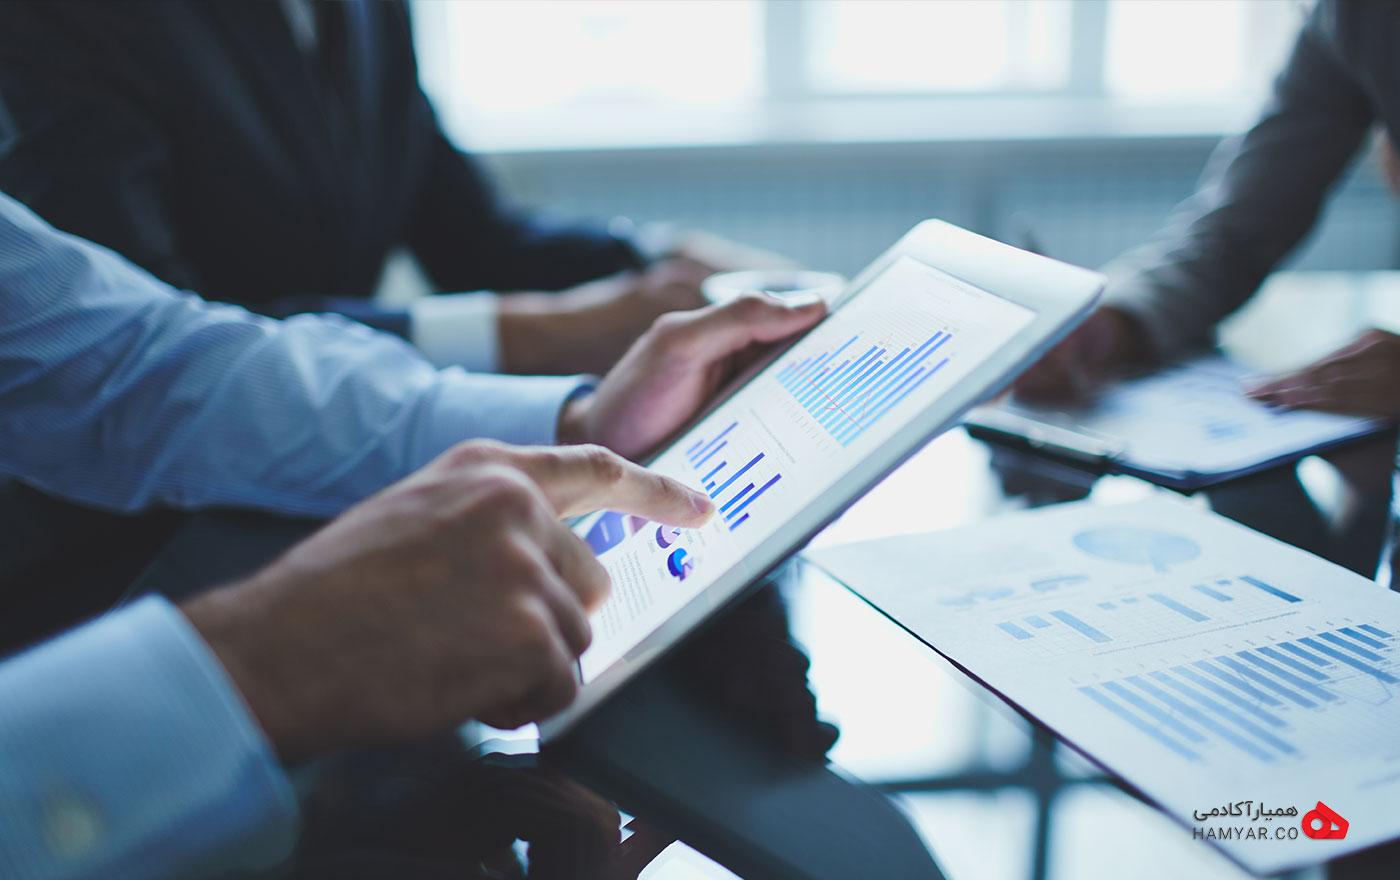 مدیریت محصول در بازاریابی کاشی و سرامیک